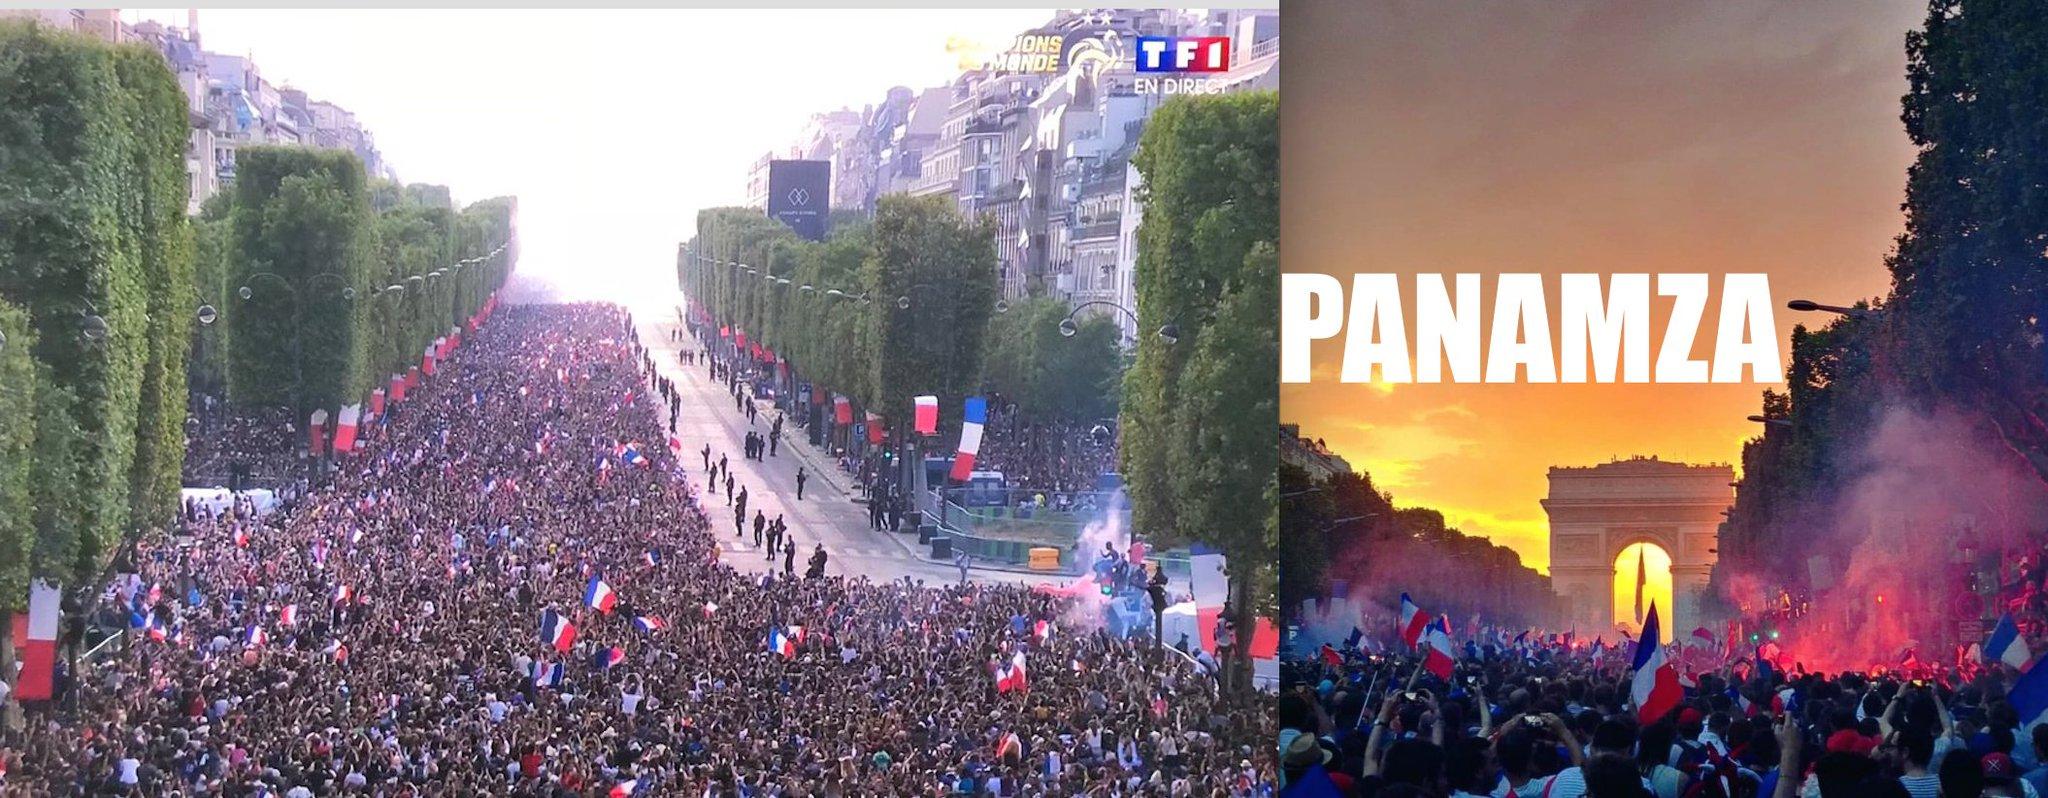 Daech en vacances ? Aucun incident terroriste ne s'est produit aux Champs-Élysées